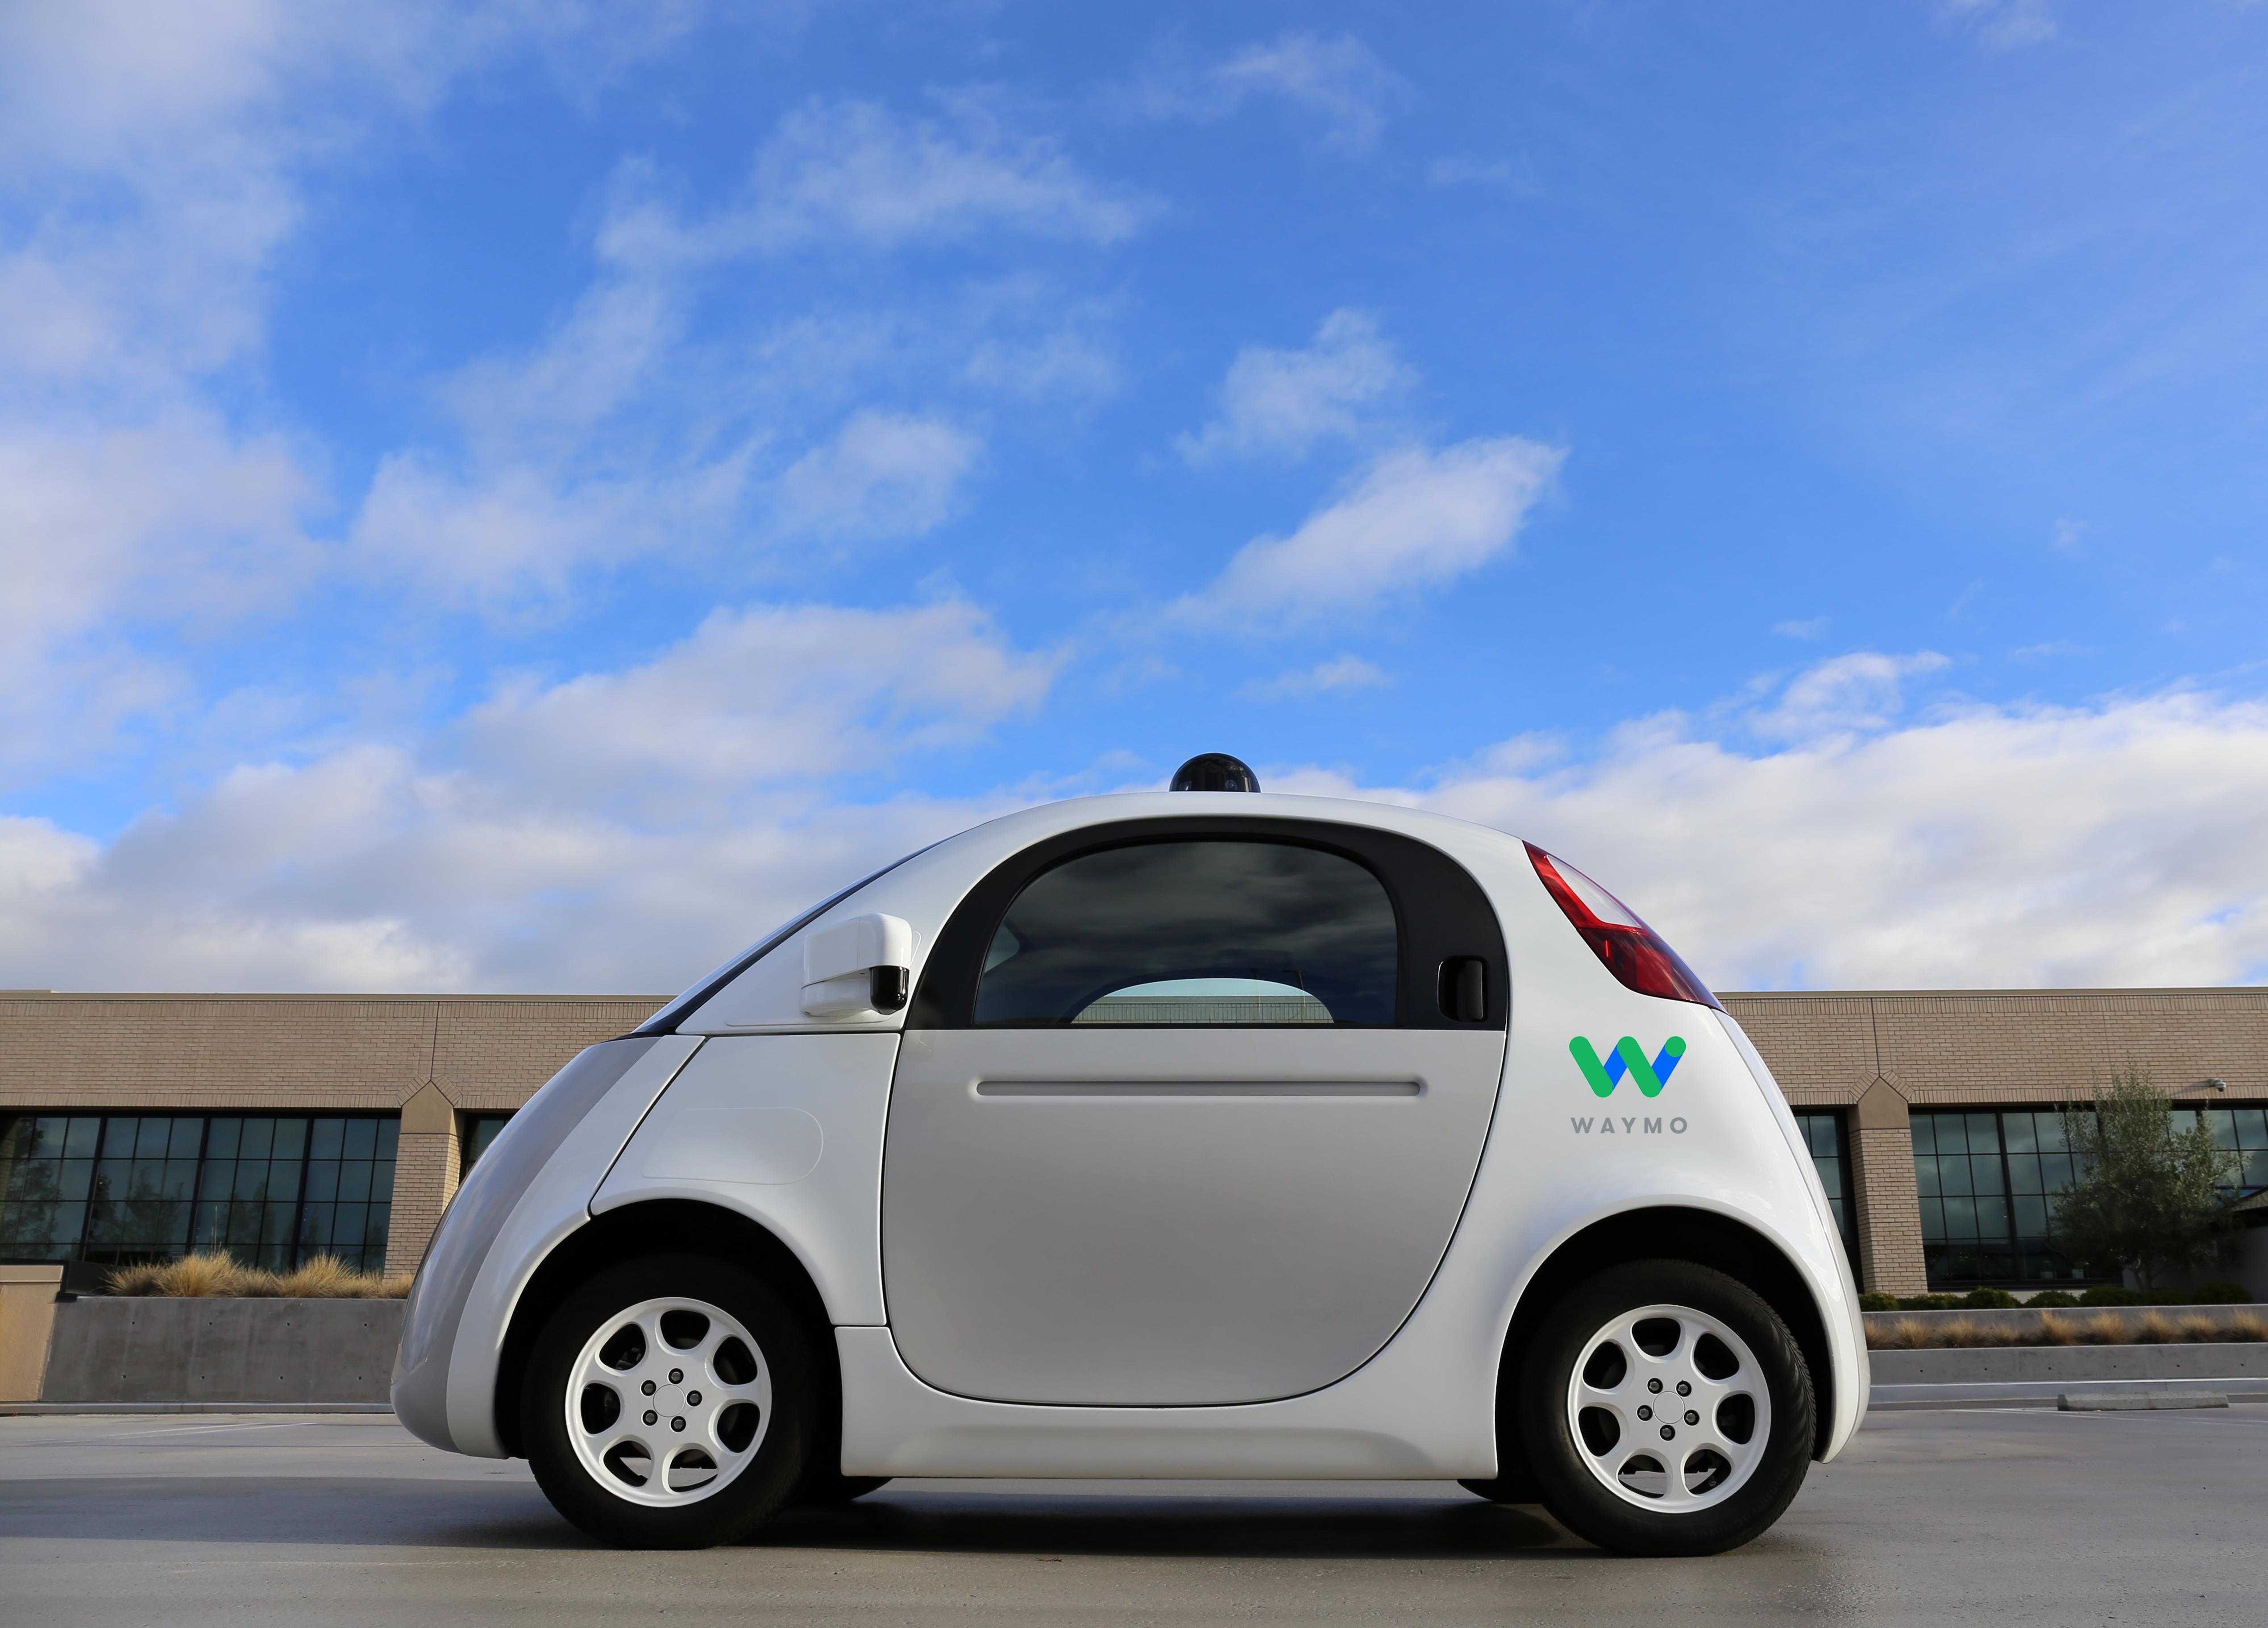 """A """"panda"""" test car with a Waymo logo."""